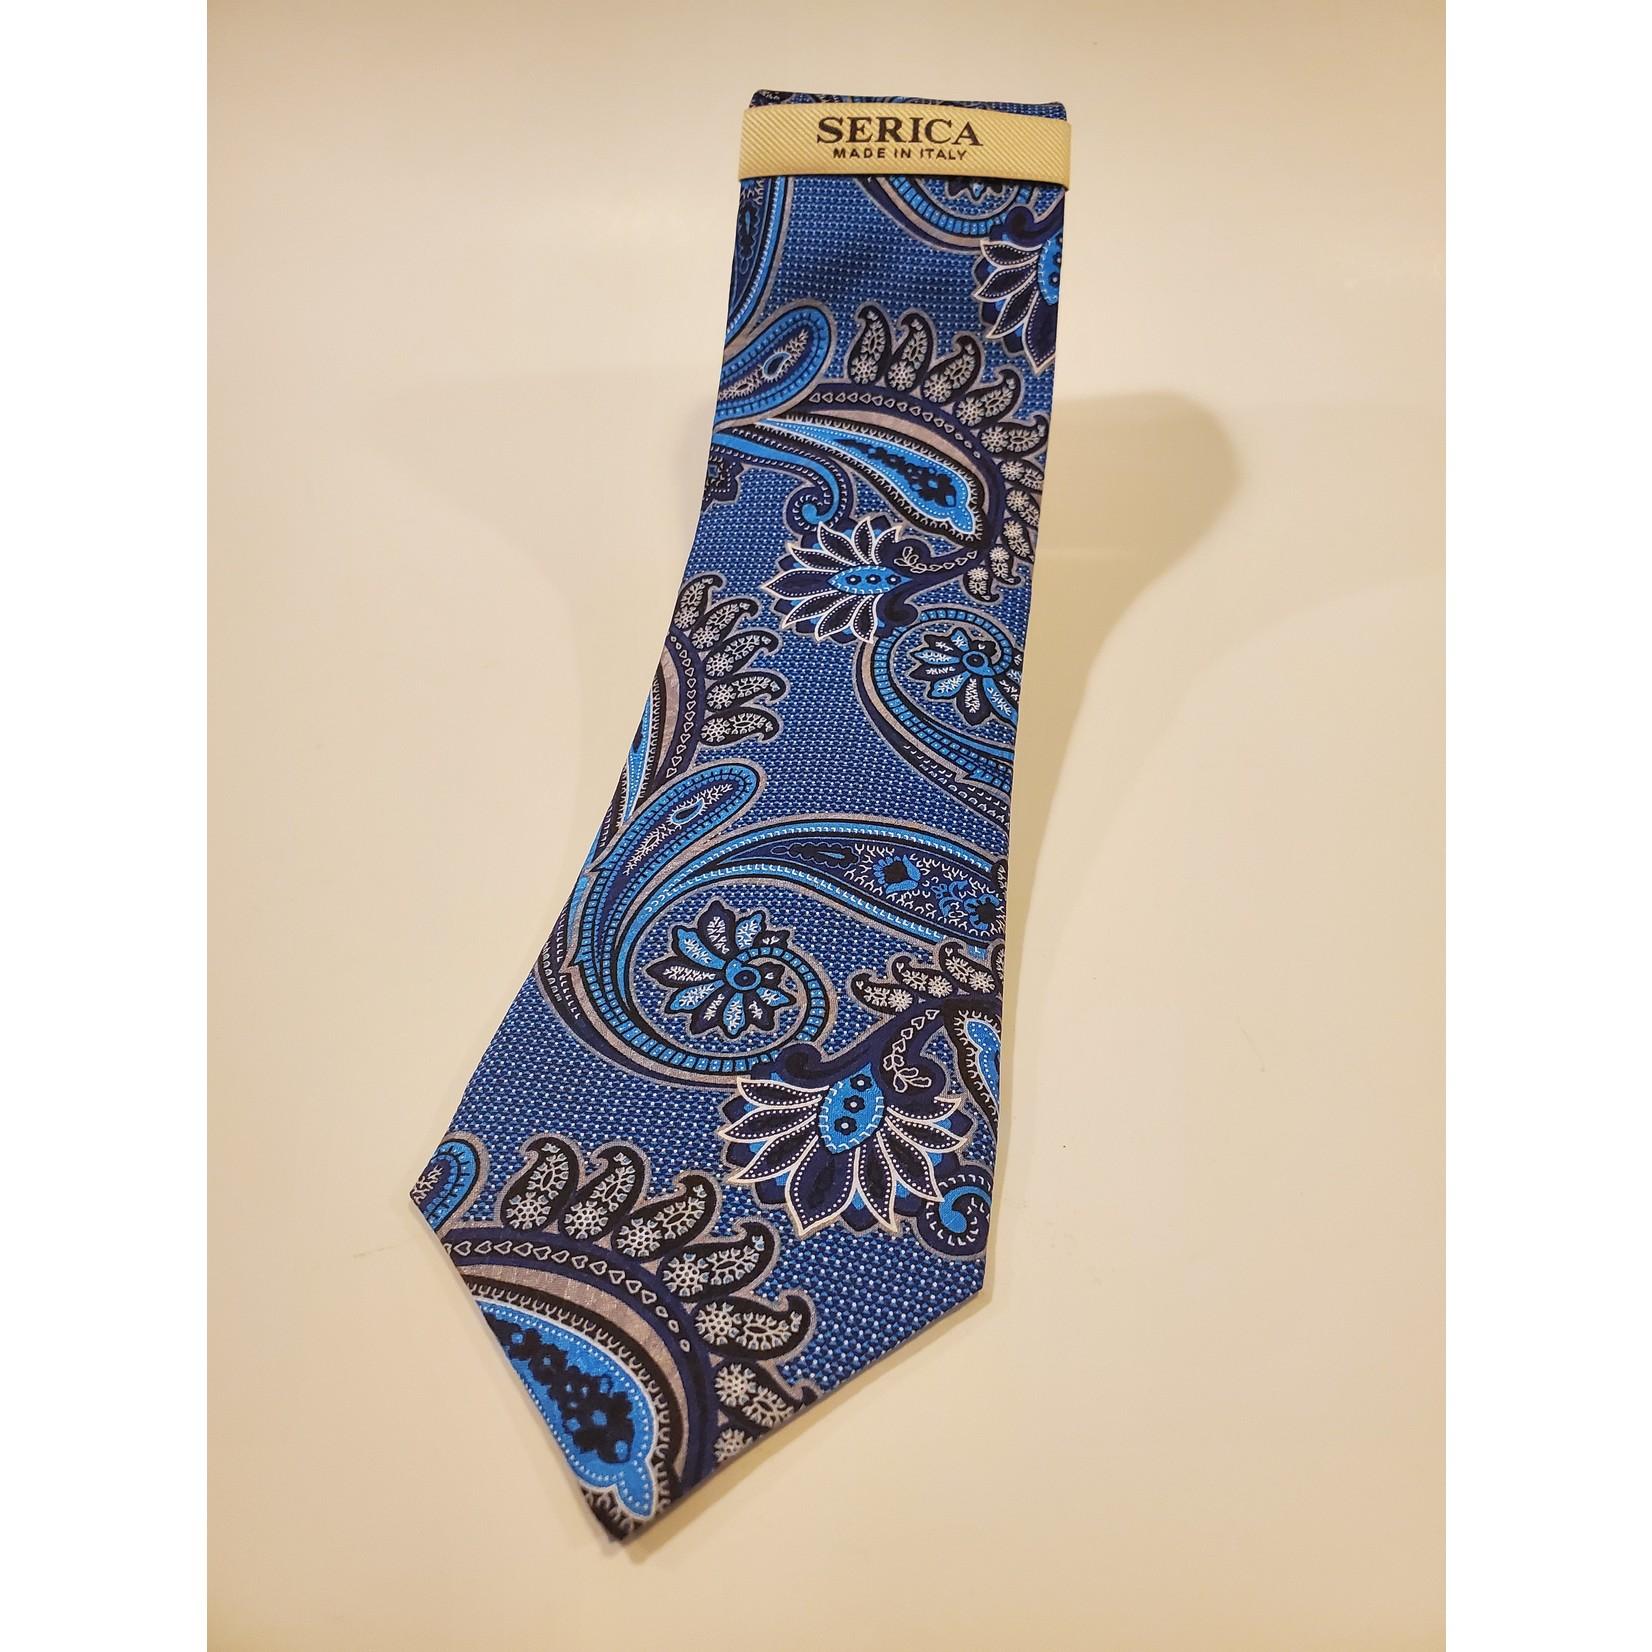 Serica 203216 Printed Silk Tie C - Blue Oversize Paisley